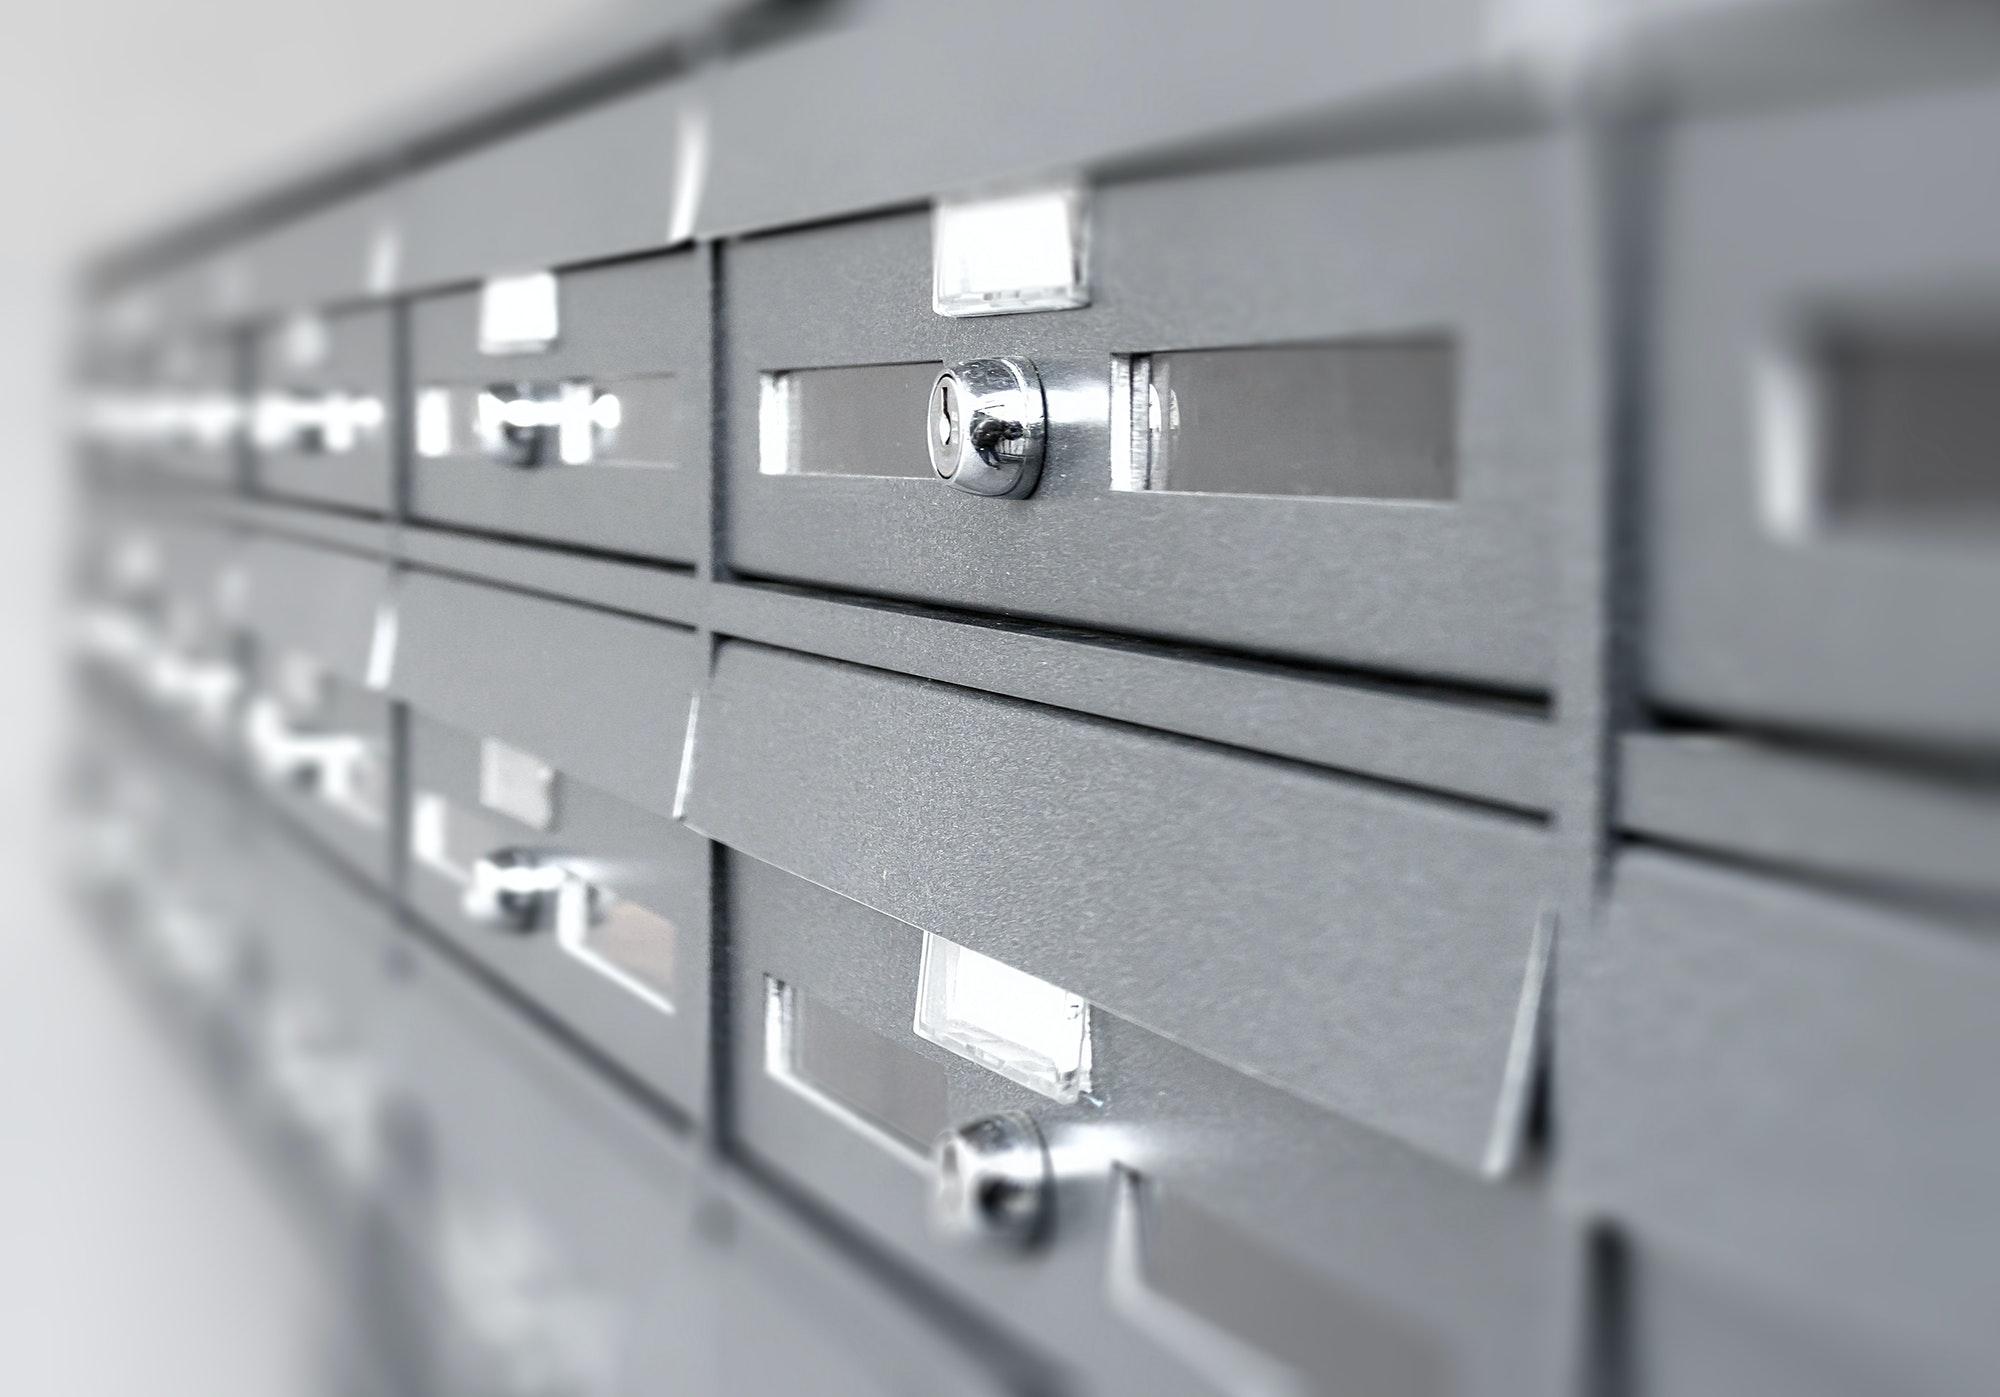 Systemlåse og låsesystem priser, her får du nogle konkrete priseksempler på låsesystem pris mekanisk og elektronisk montering i København